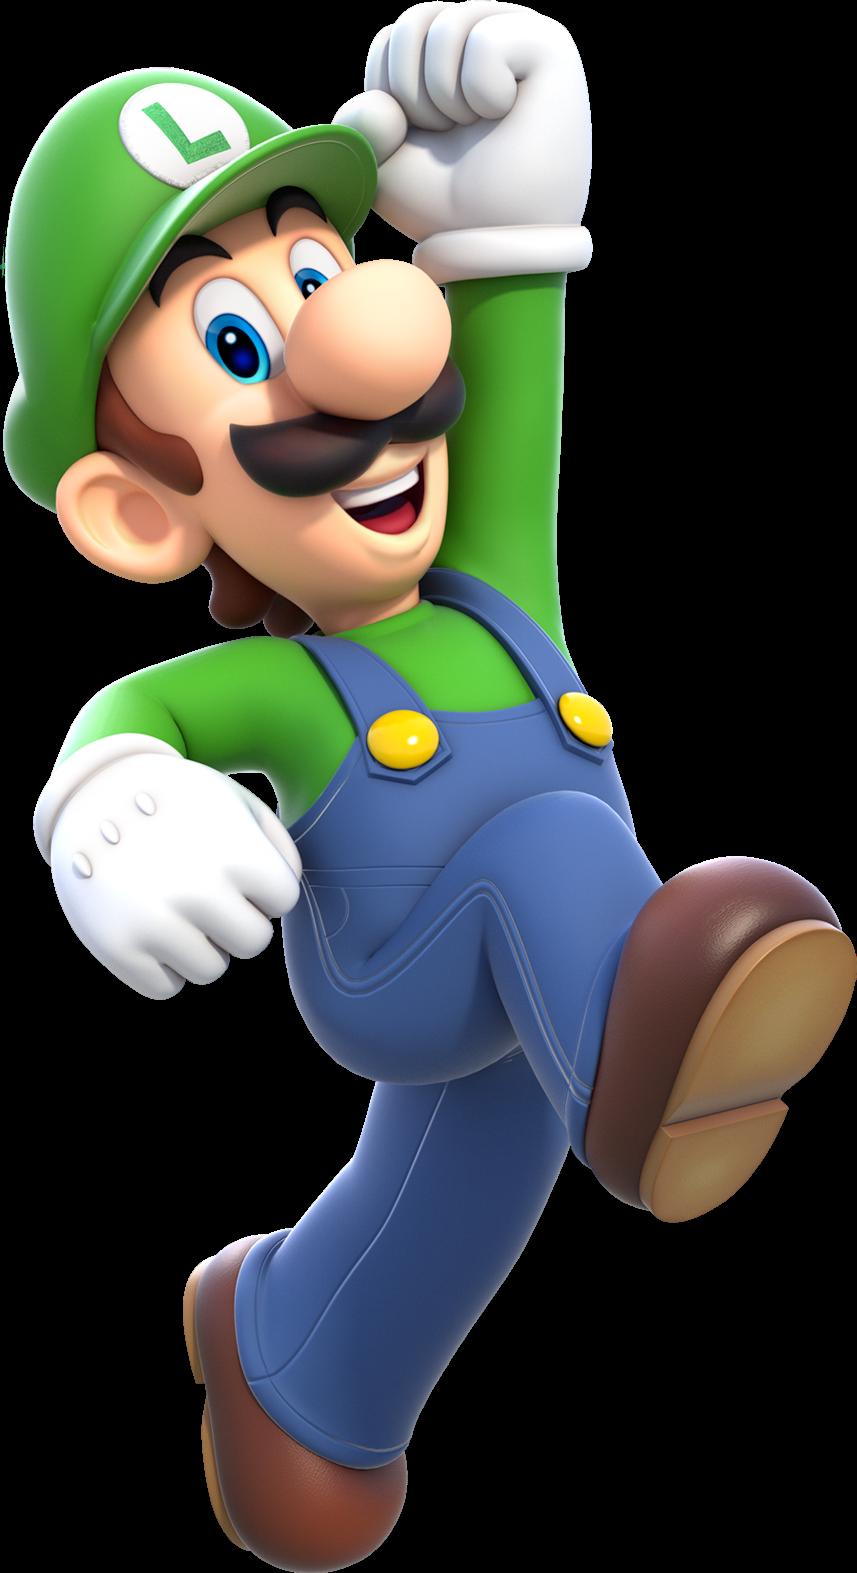 Super mario bros the popstar crossover fantendo - Luigi mario party ...